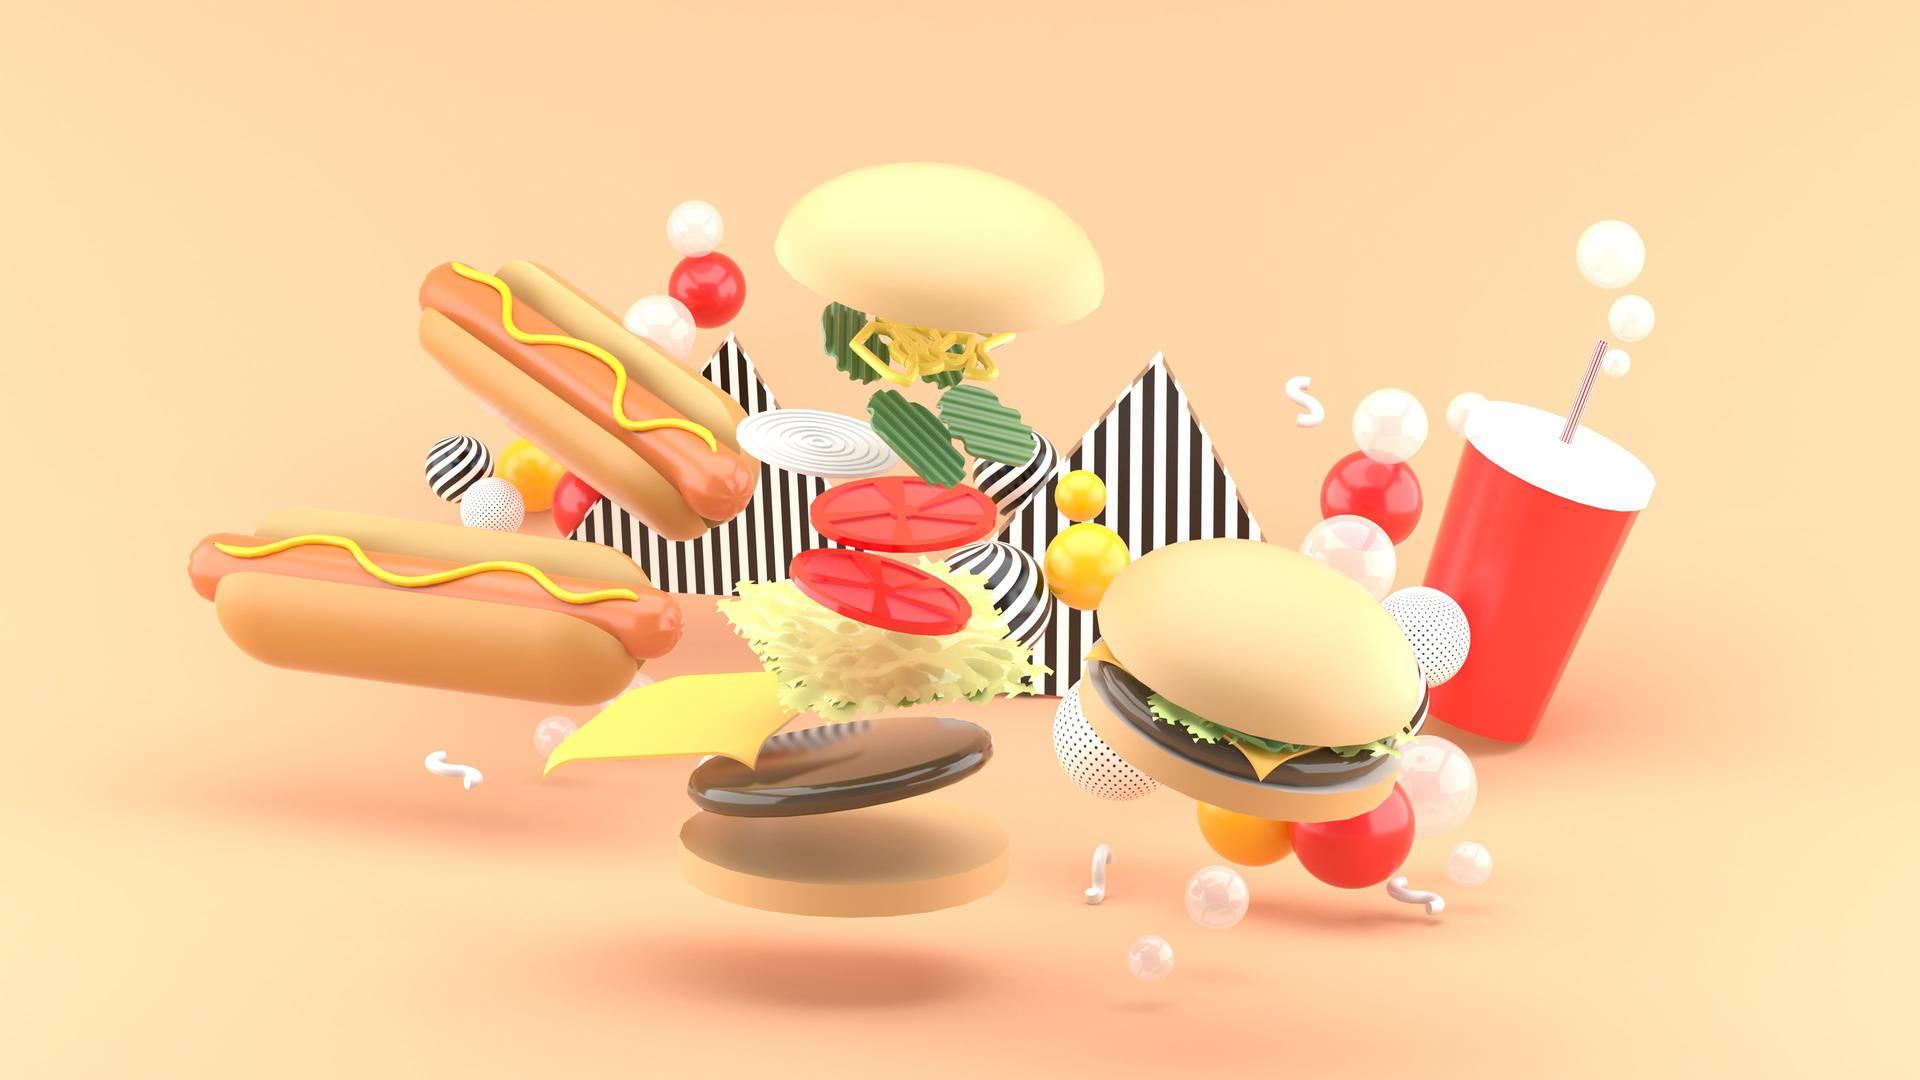 3D ispis hrane - nove mogućnosti za inovacije u hrani i prehrani